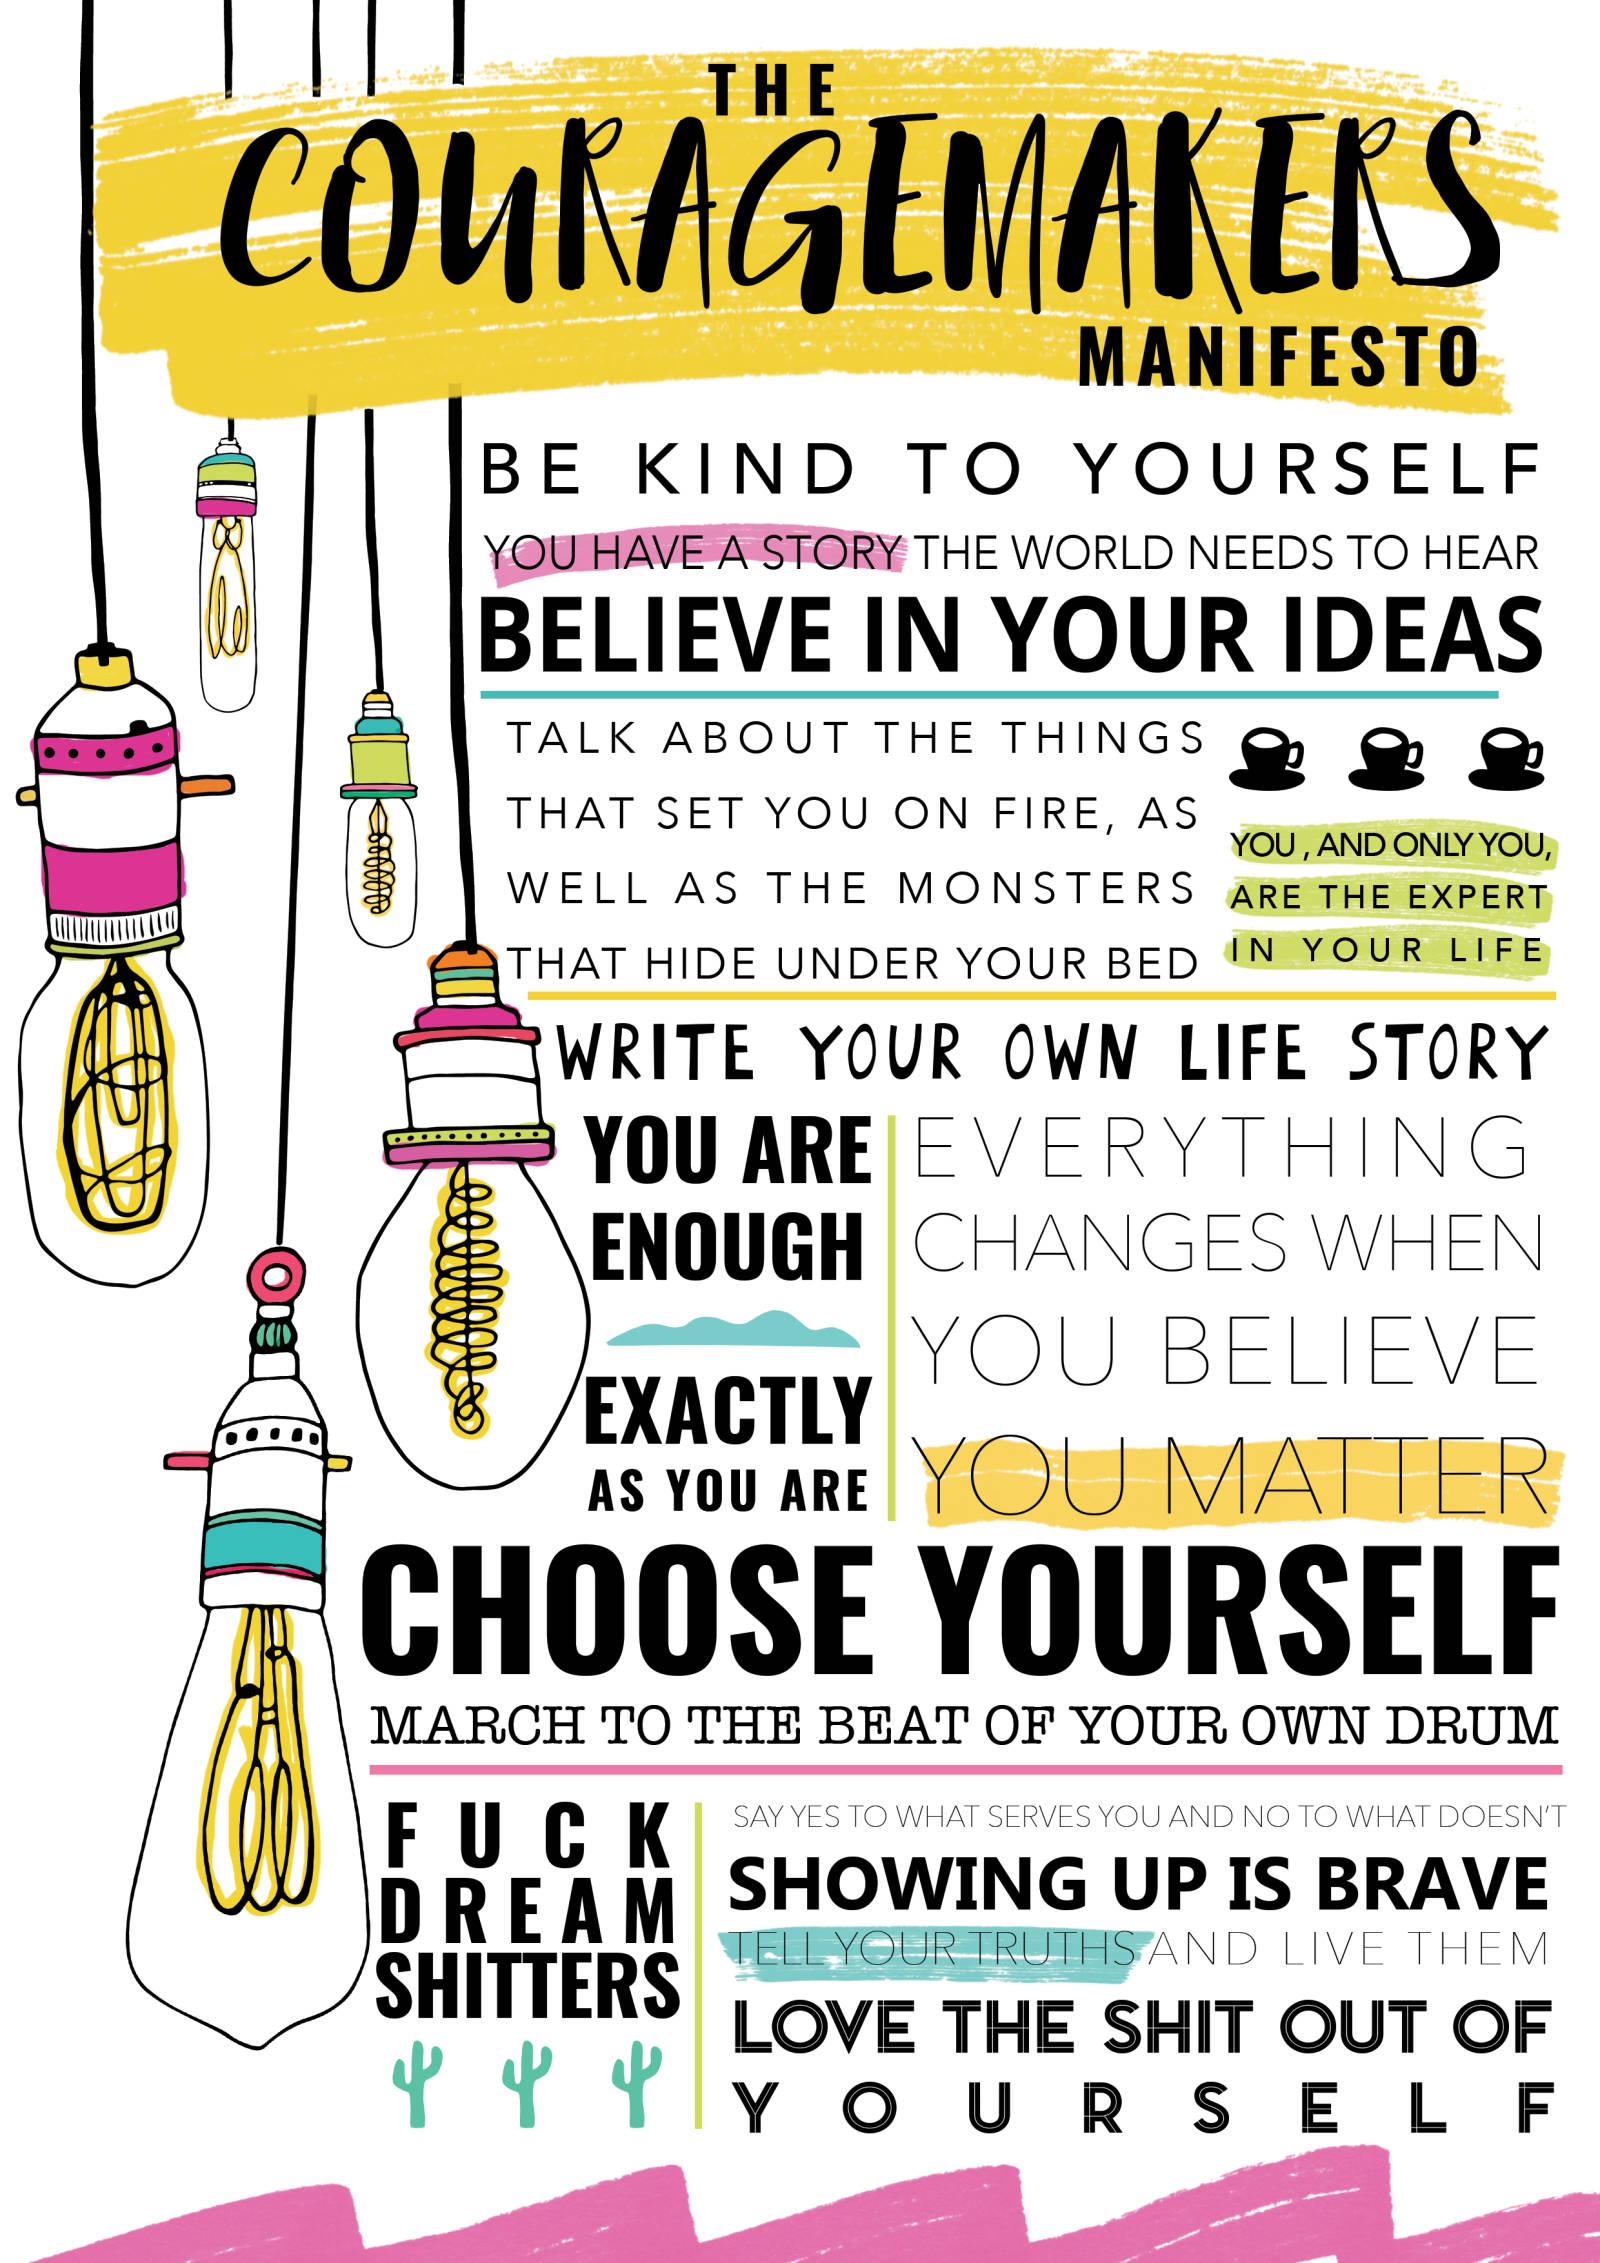 couragemaker-manifesto-front-page.jpg